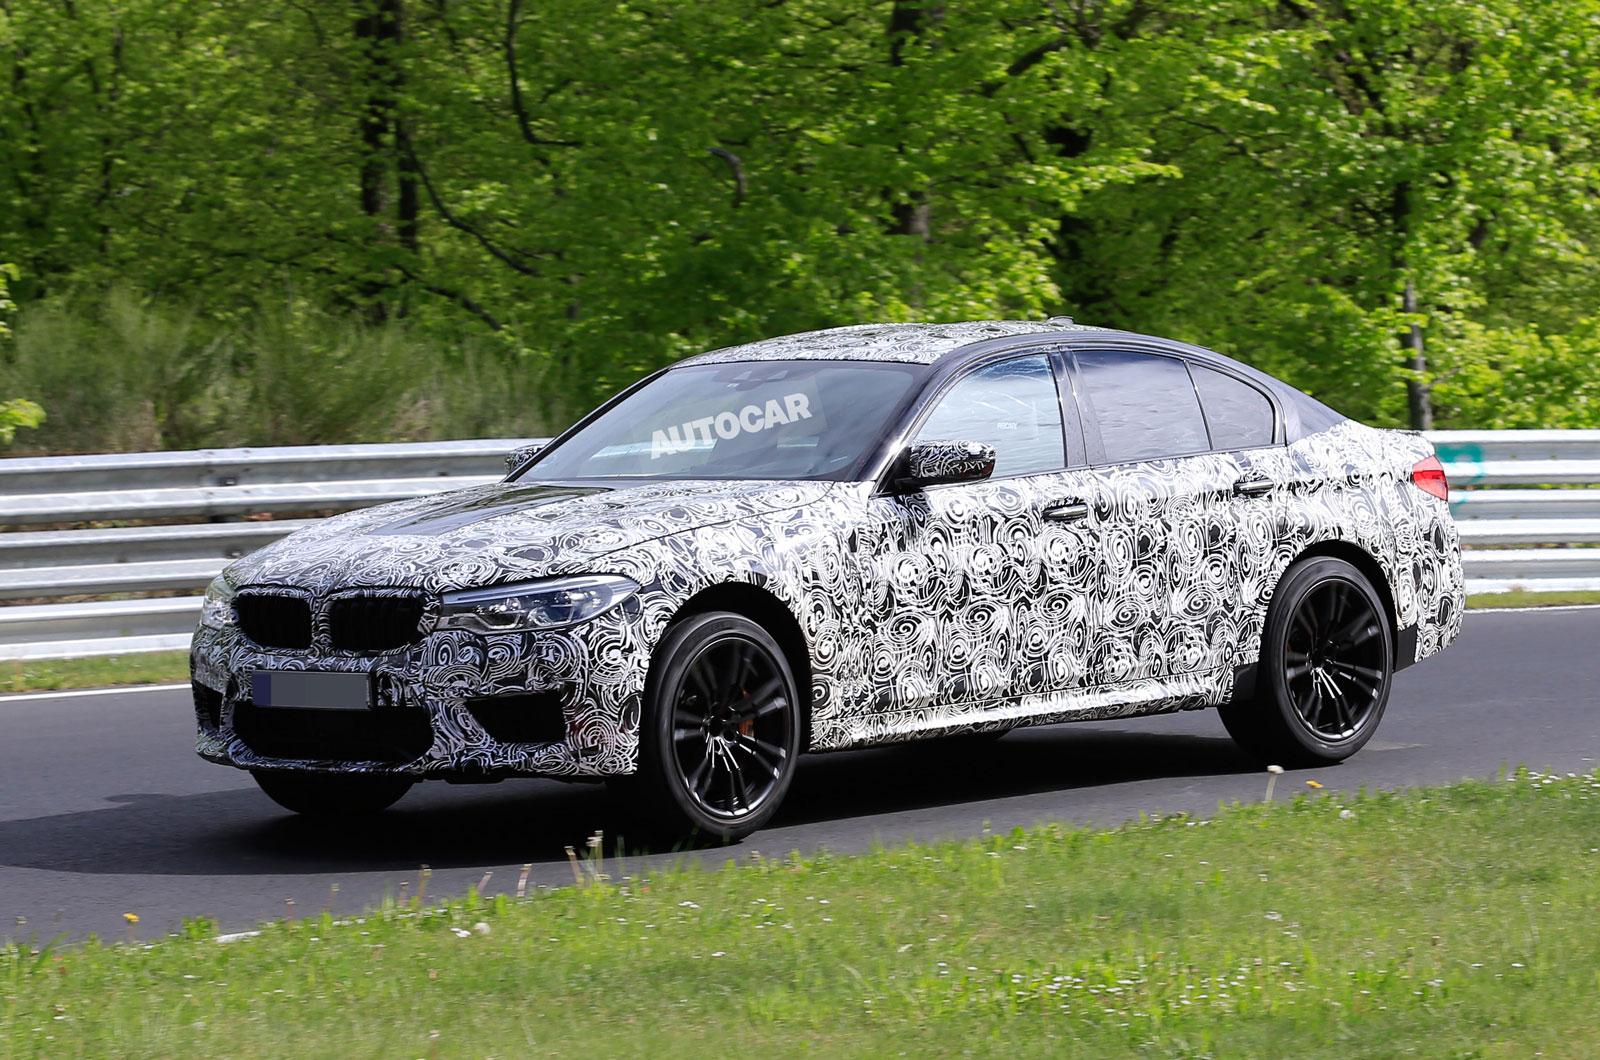 2018 BMW M5 должен появиться через три месяца как самый продвинутый М автомобиль